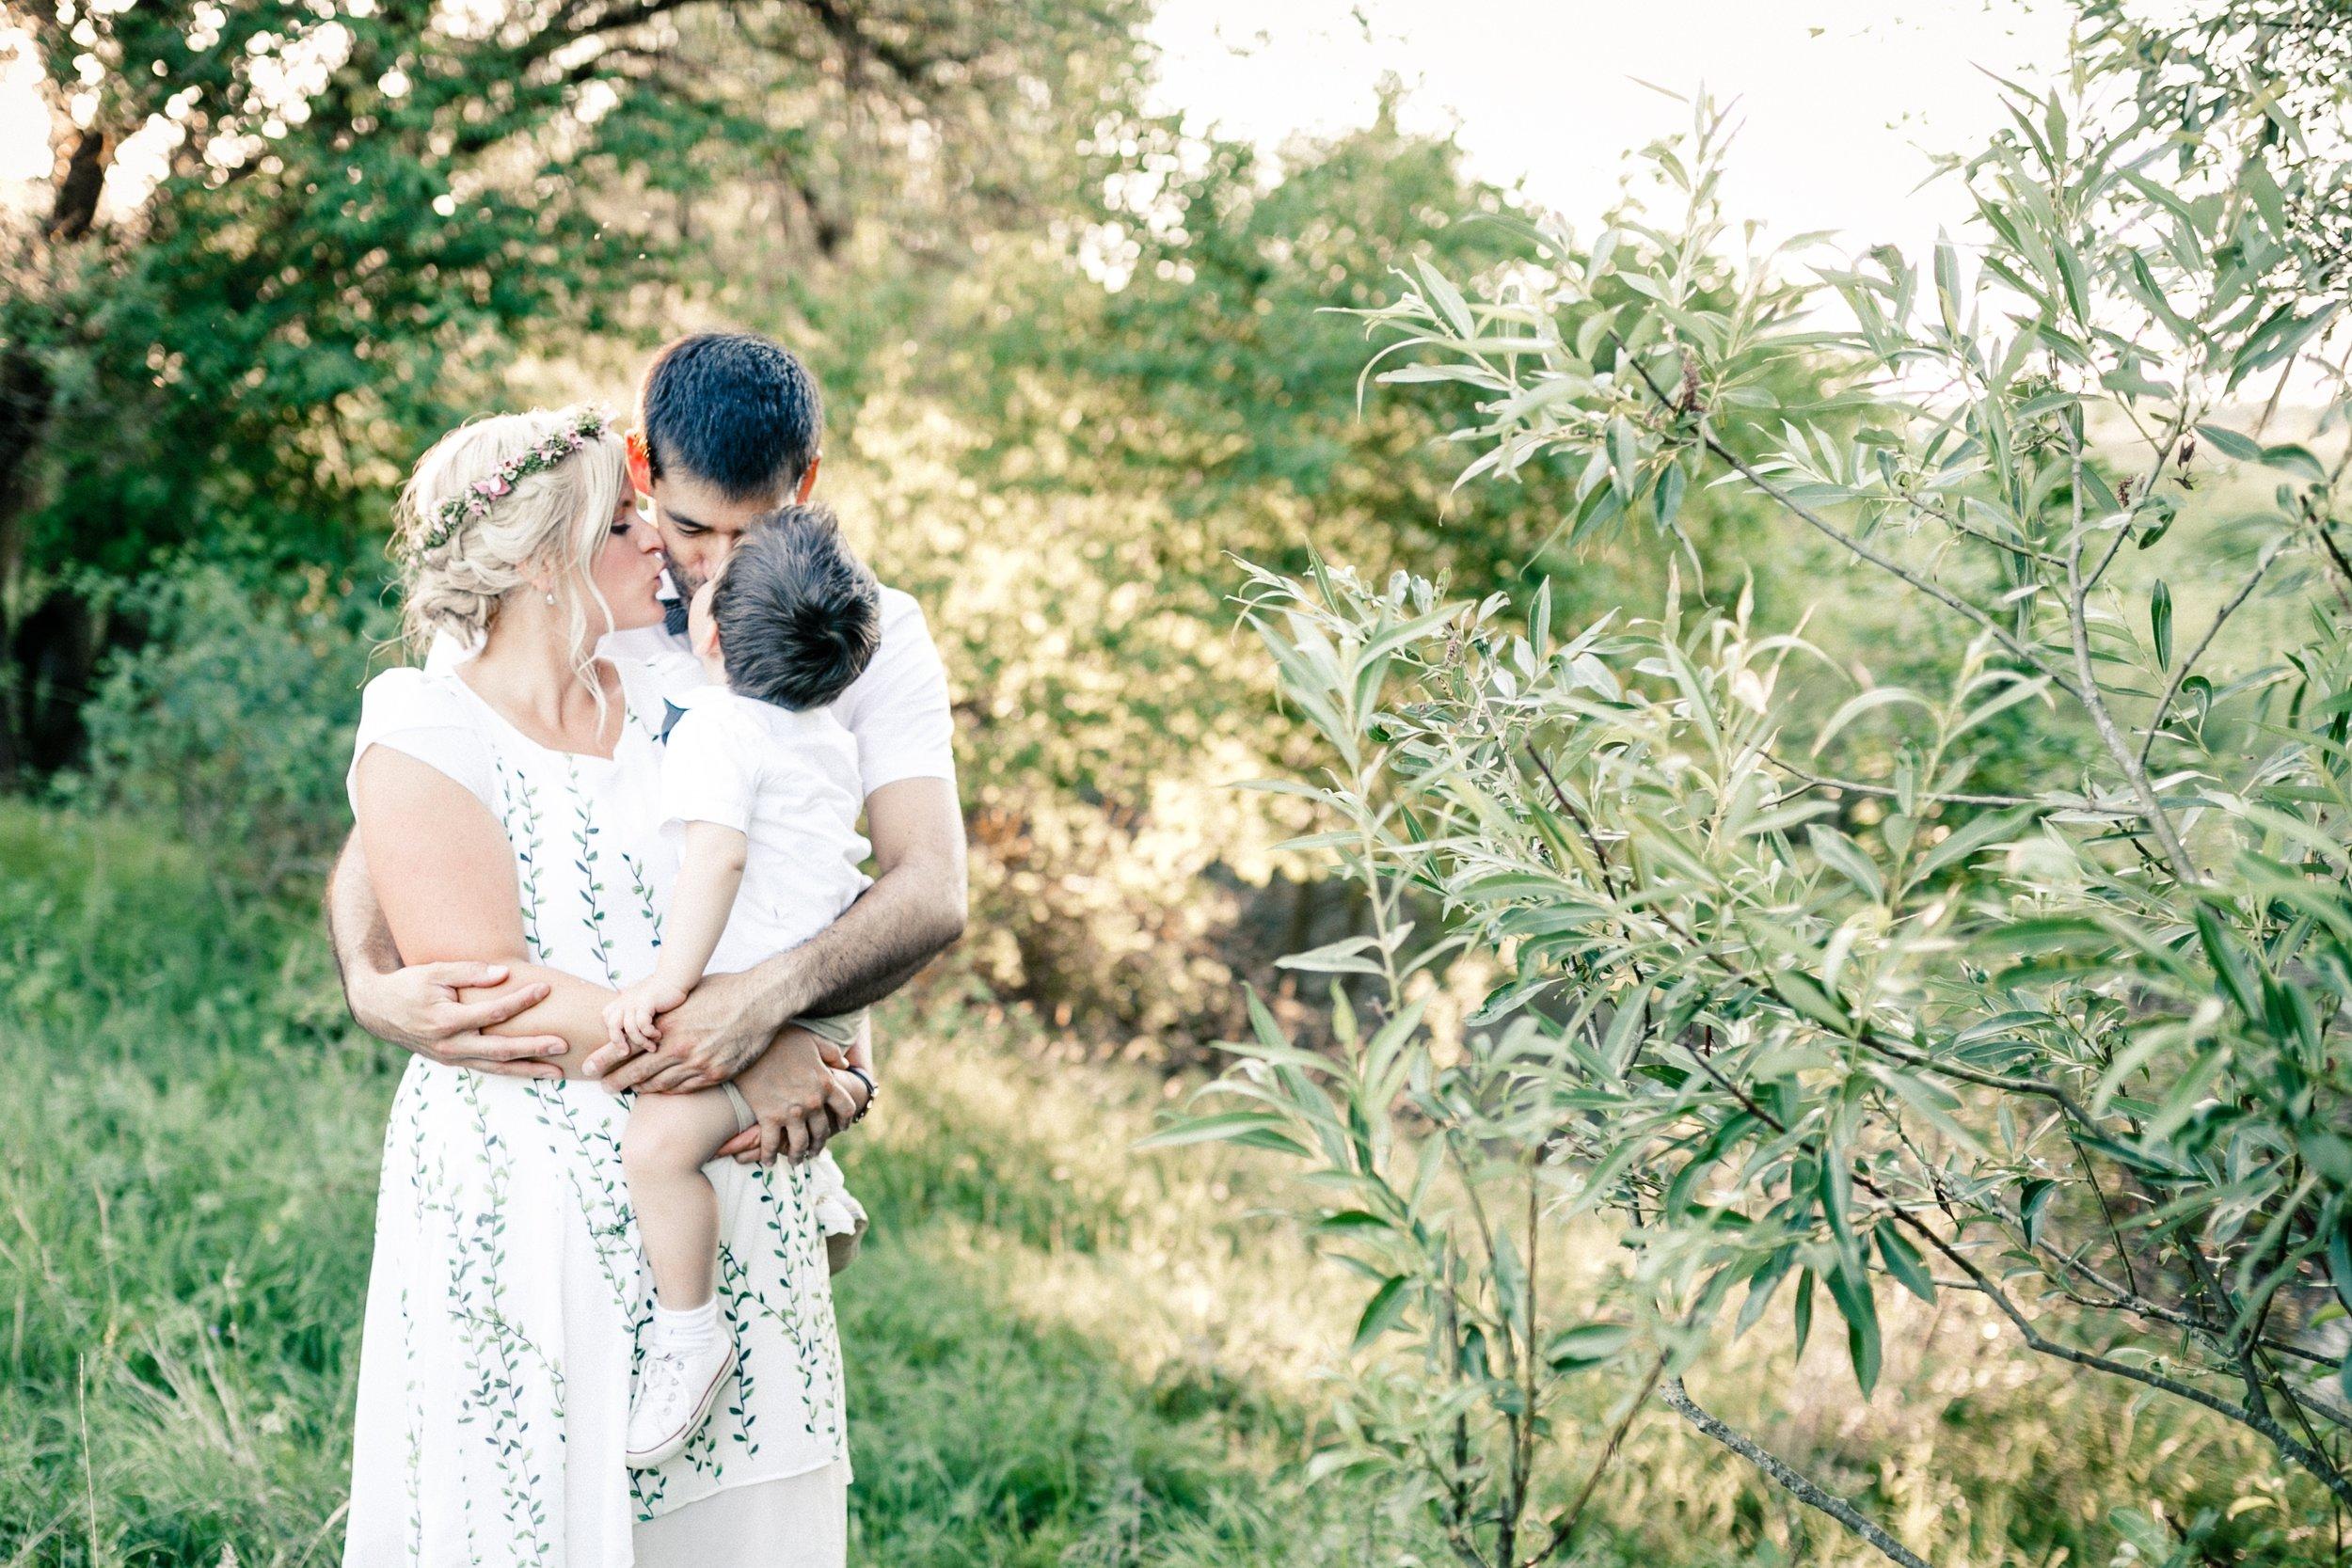 manuela-marks-fotografie-familie-tuebingen-52.jpg